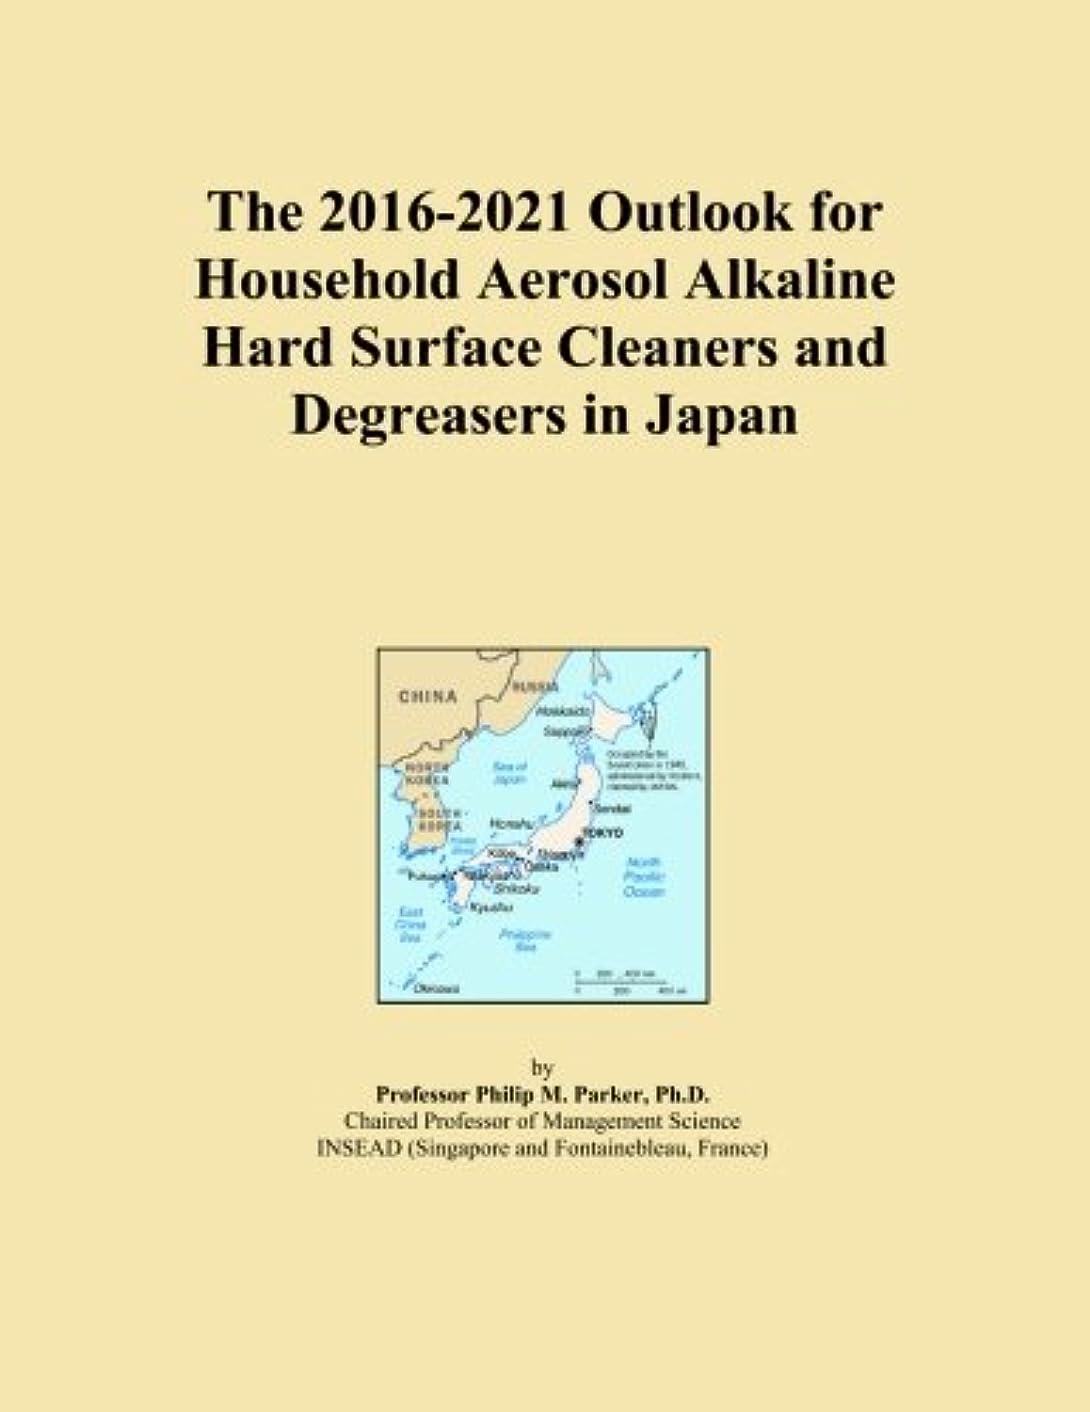 いつか騒ぎトランペットThe 2016-2021 Outlook for Household Aerosol Alkaline Hard Surface Cleaners and Degreasers in Japan